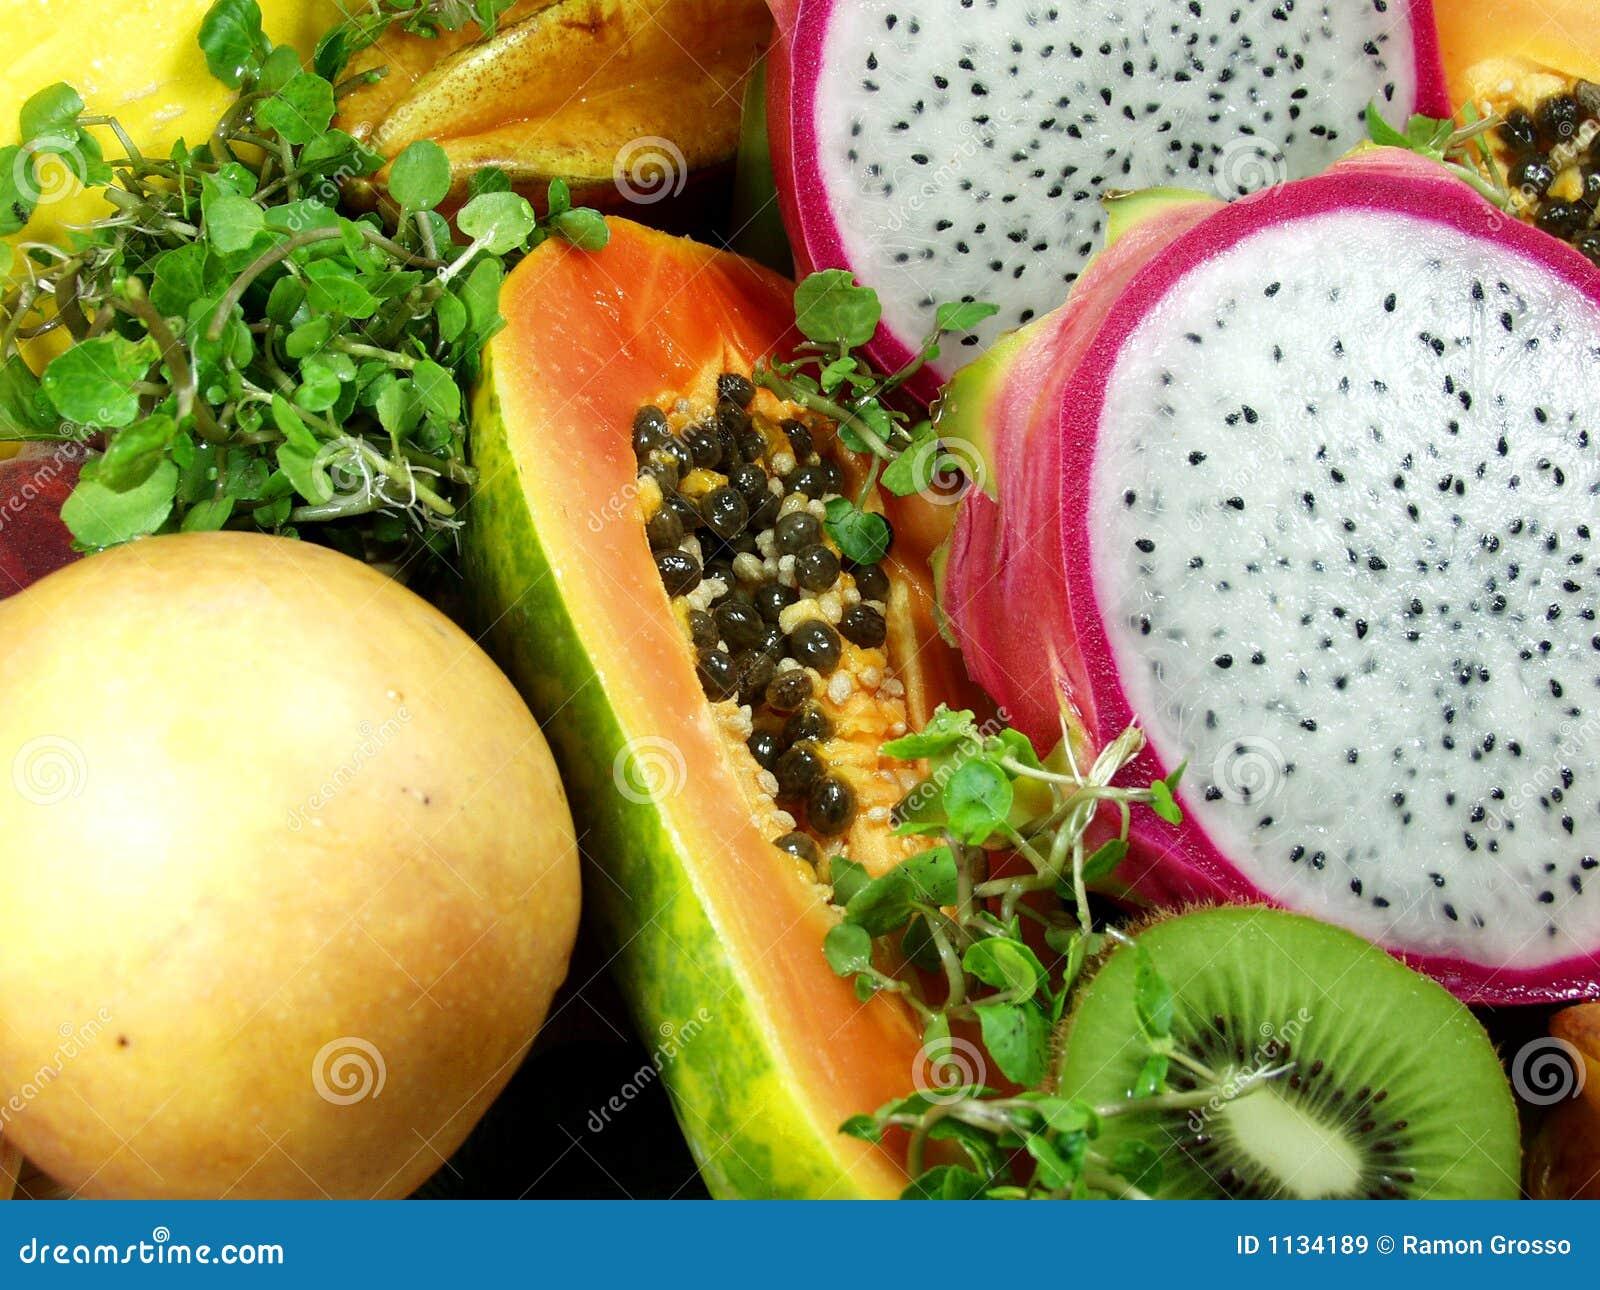 Fruit exotique images libres de droits image 1134189 - Image fruit exotique ...